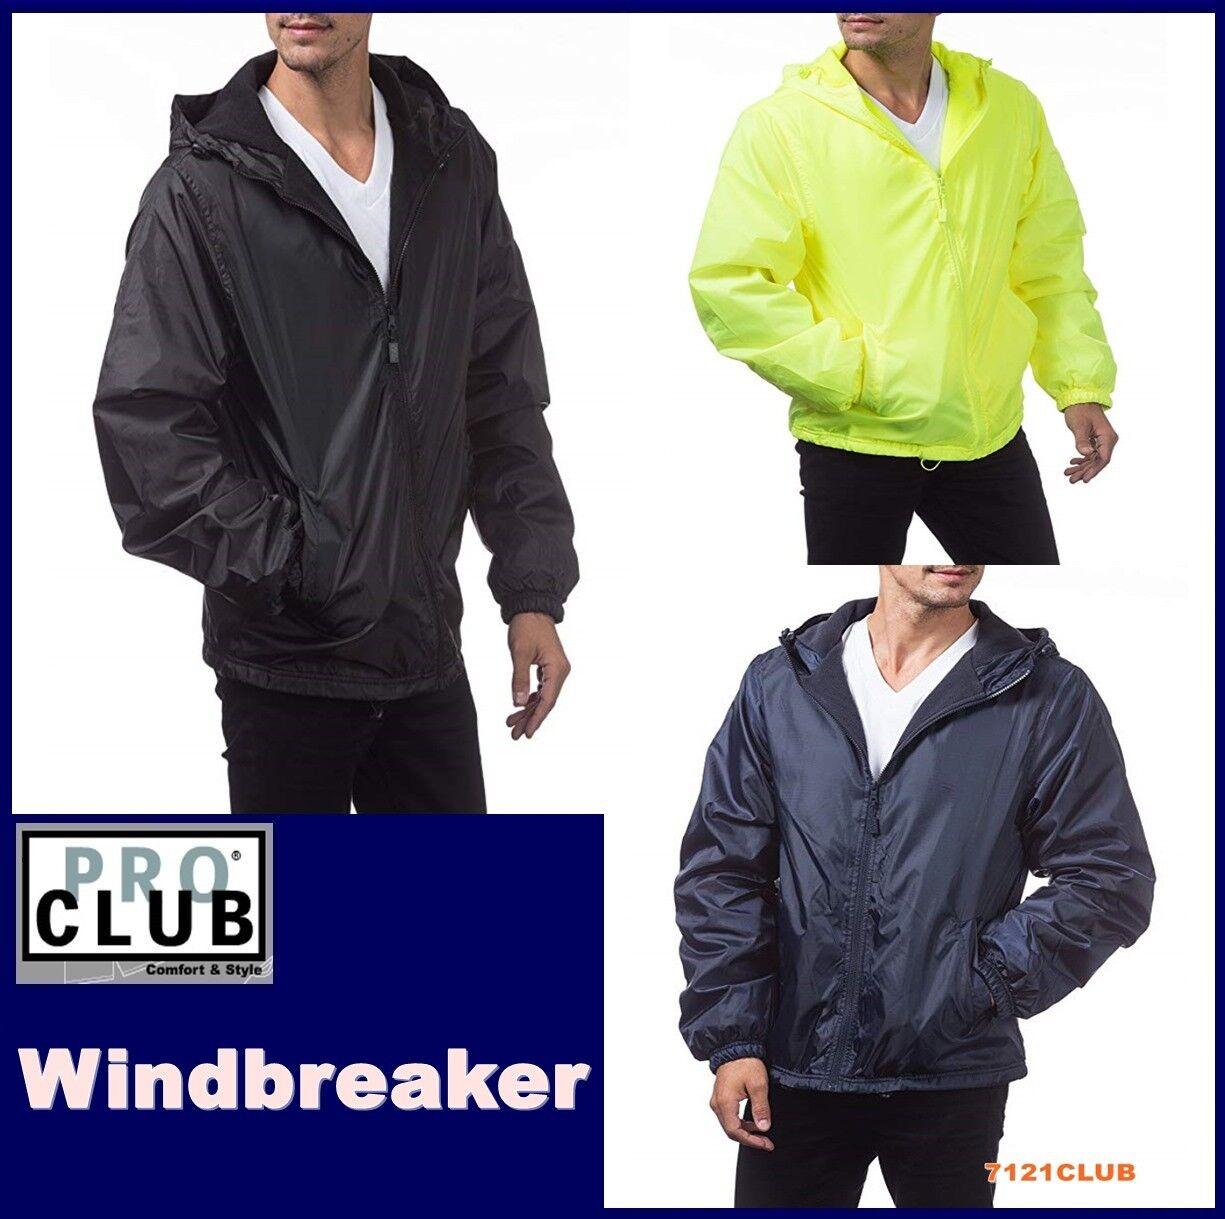 PRO CLUB WINDBREAKER MENS LIGHTWEIGHT WATERPROOF HOODED RAIN